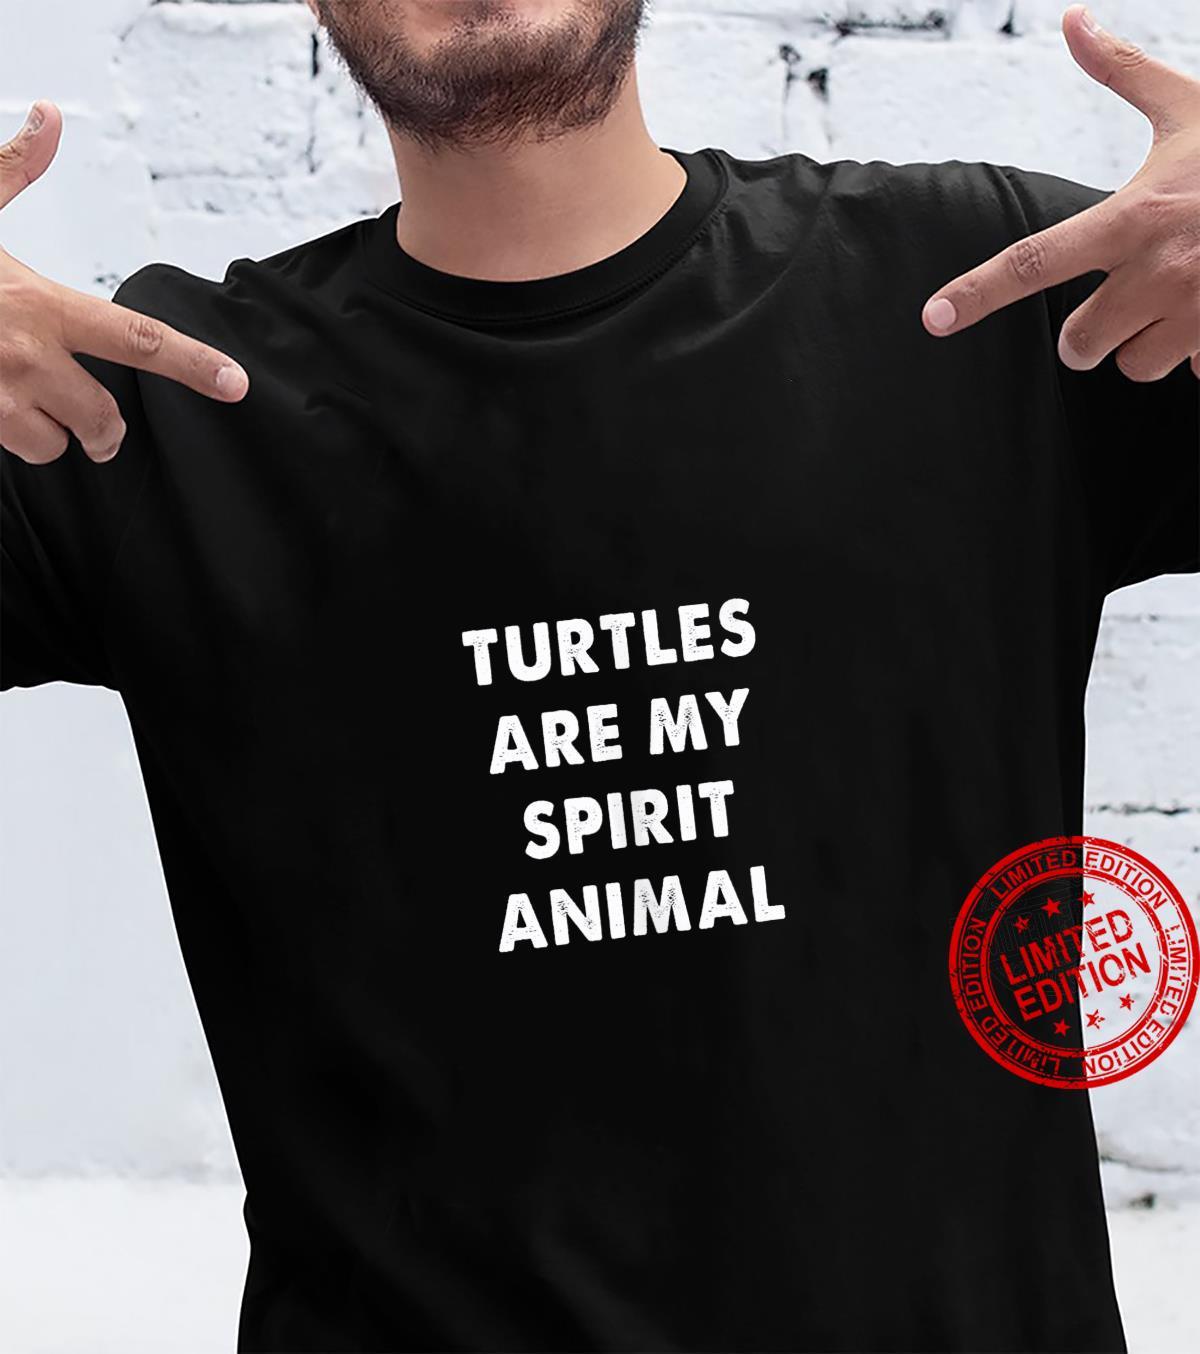 Turtles are my spirit animal animal Shirt